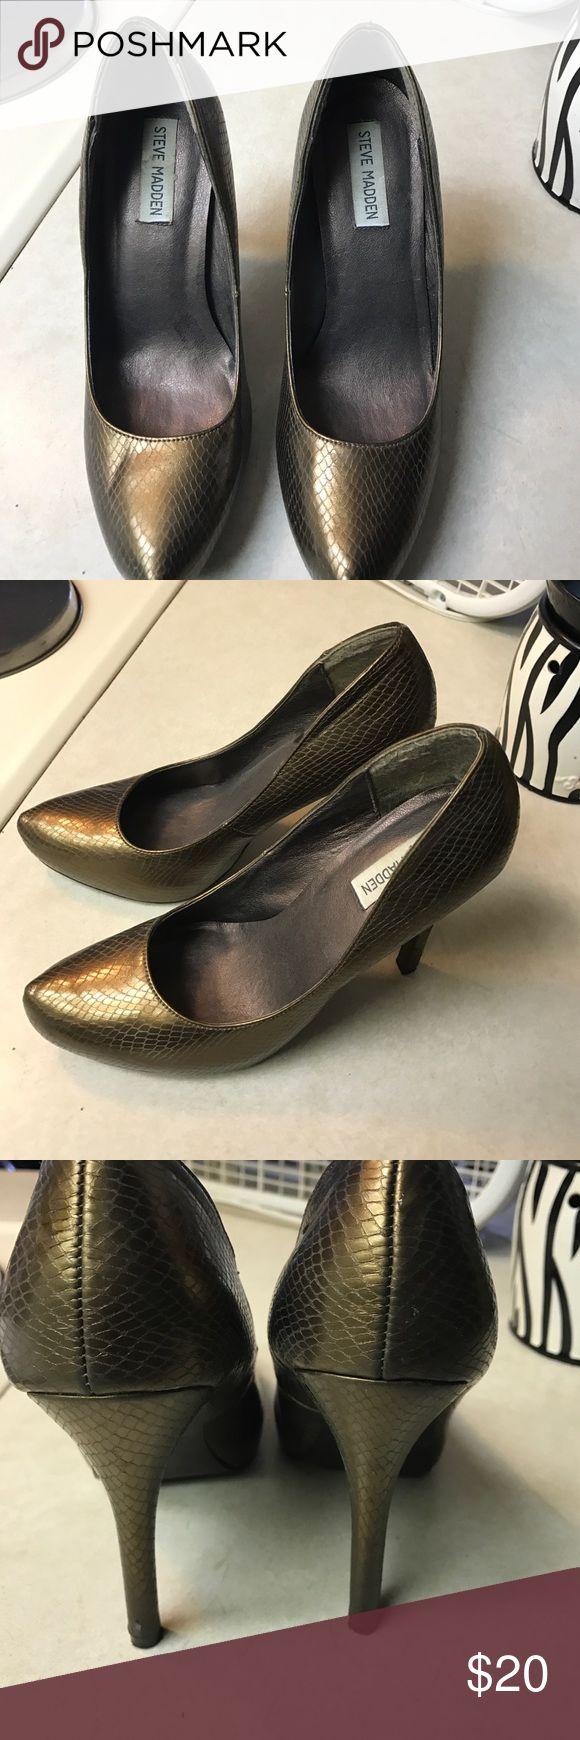 Steve Madden high heels Bronze/ goldish Steve Madden high heels in great condition Steve Madden Shoes Heels